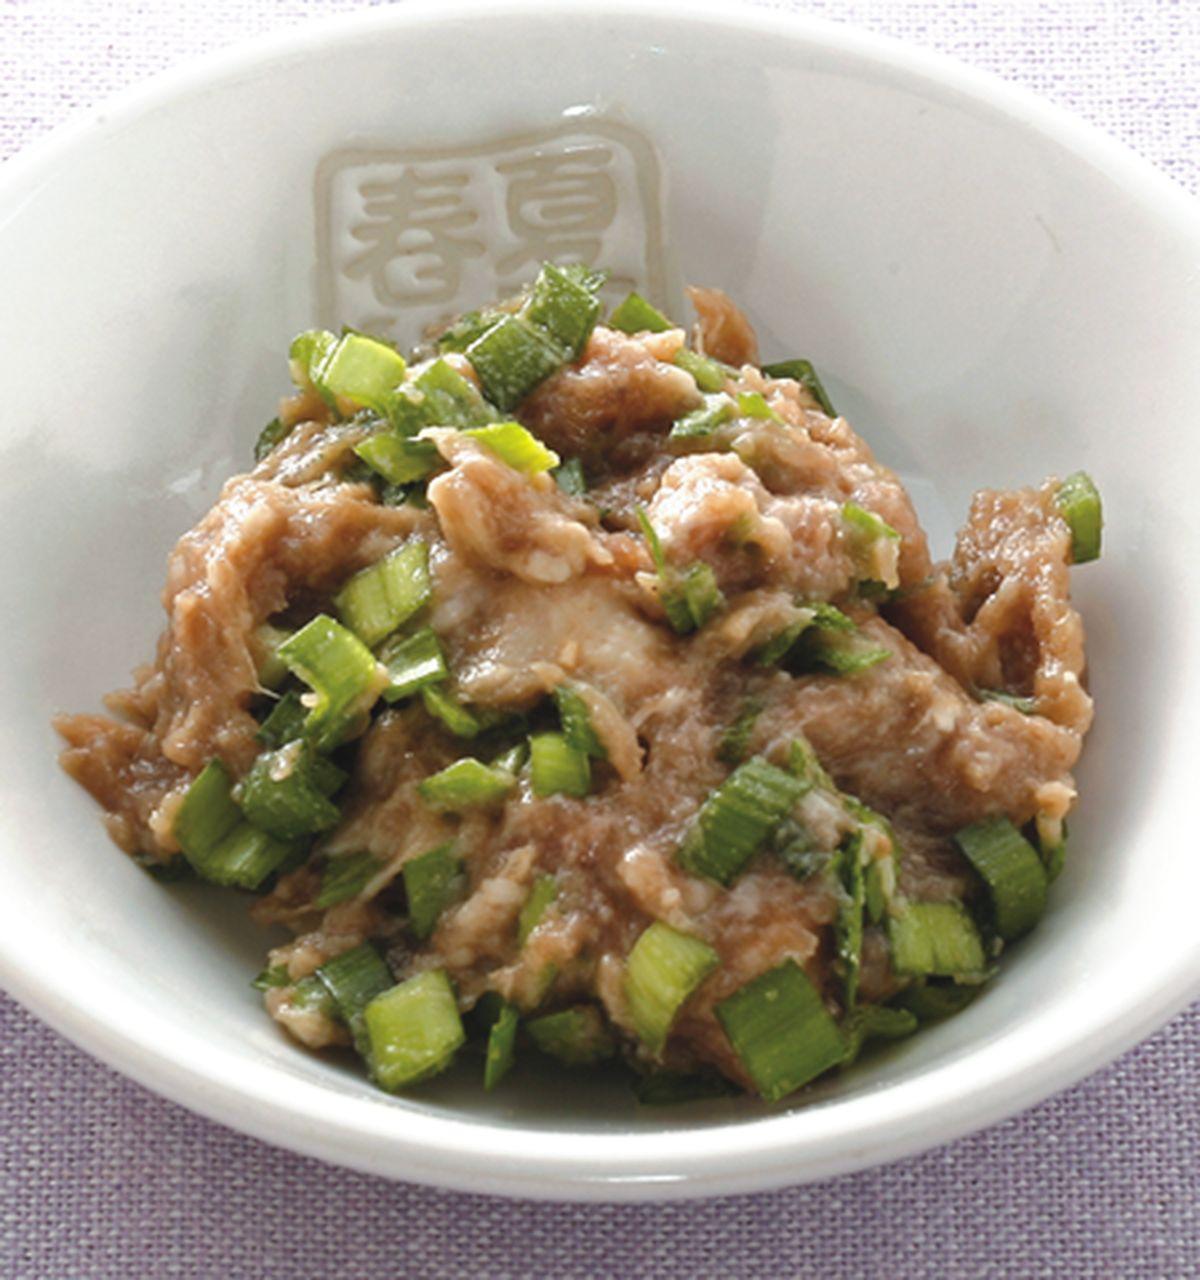 食譜:韭菜牛肉蒸餃